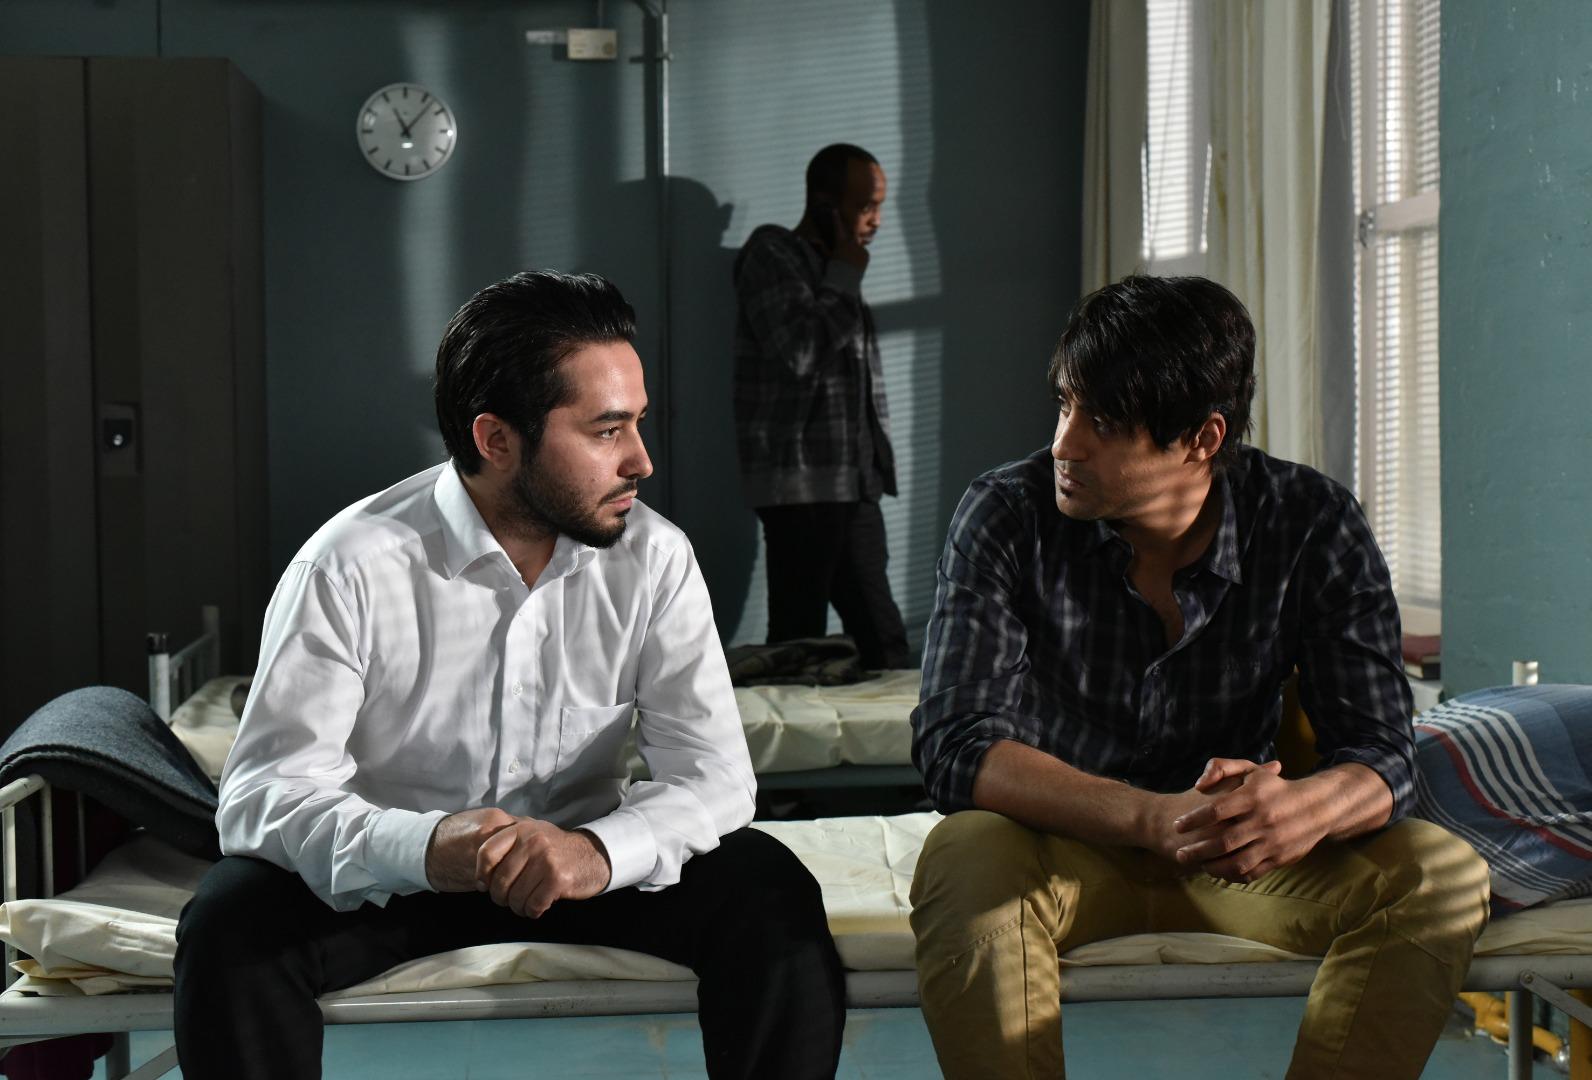 The Other Side of Hope: una scena del film di Aki Kaurismaki